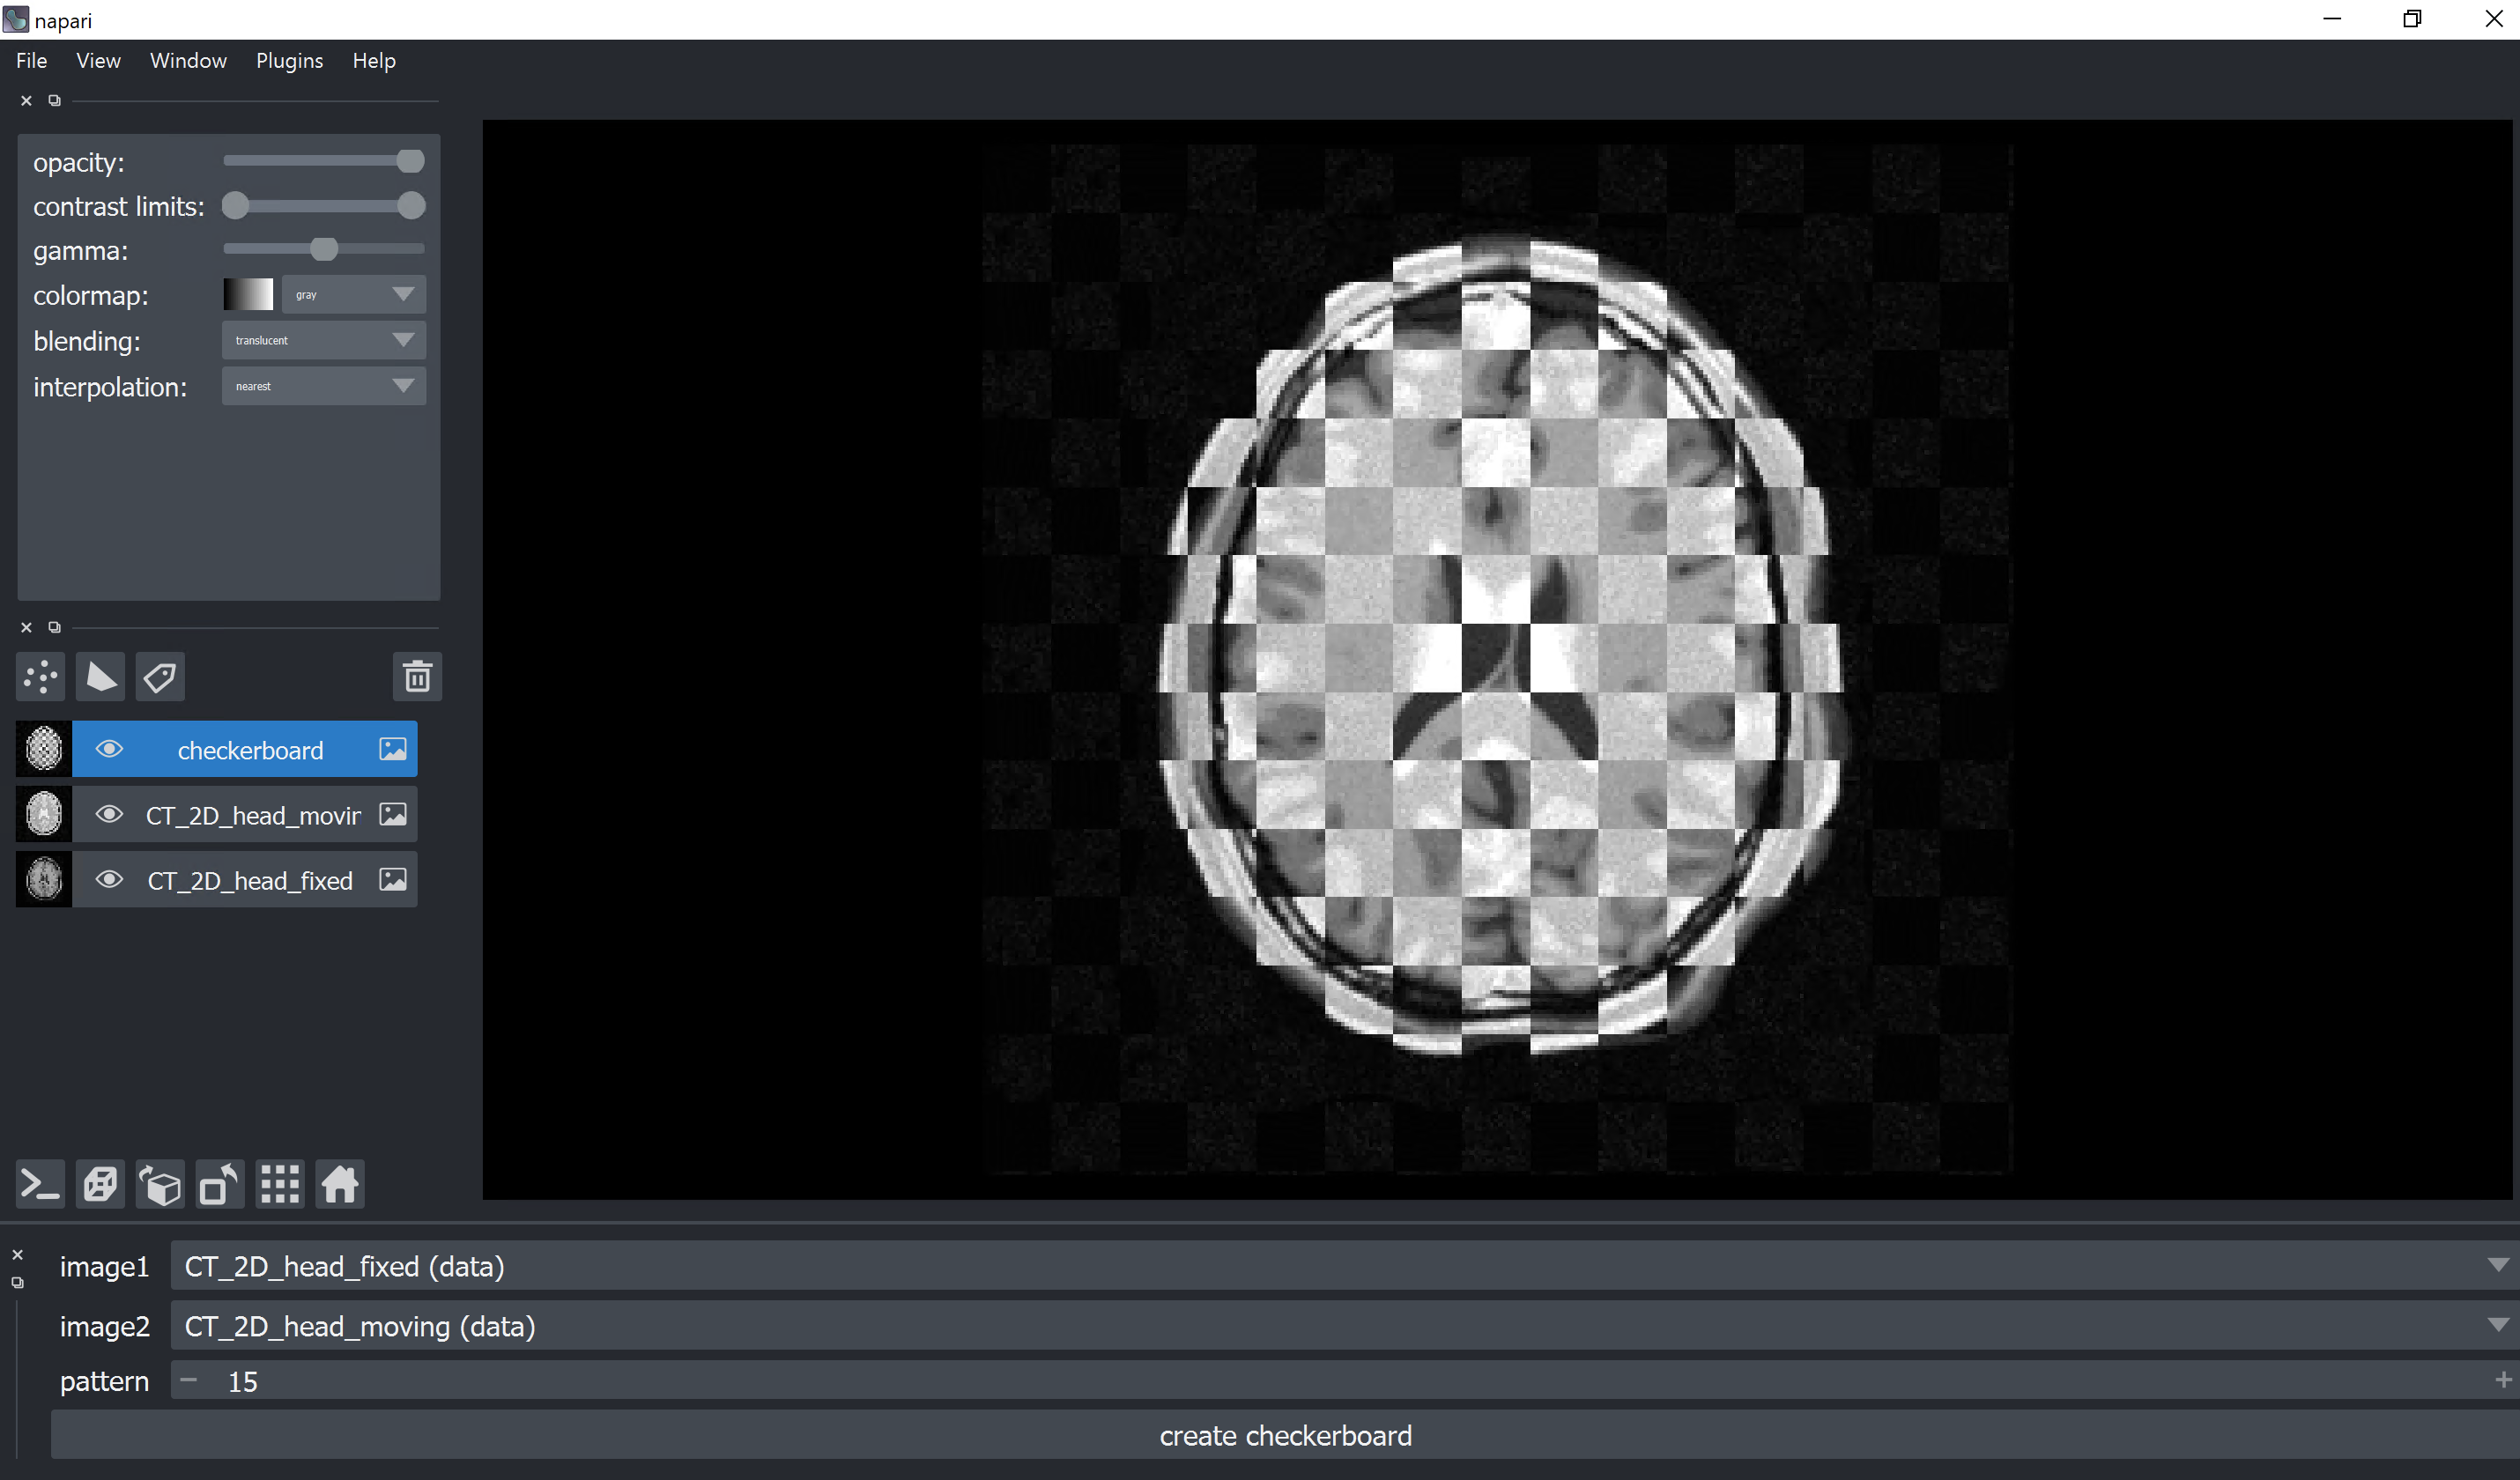 Screenshot 2021-05-12 at 15 03 17